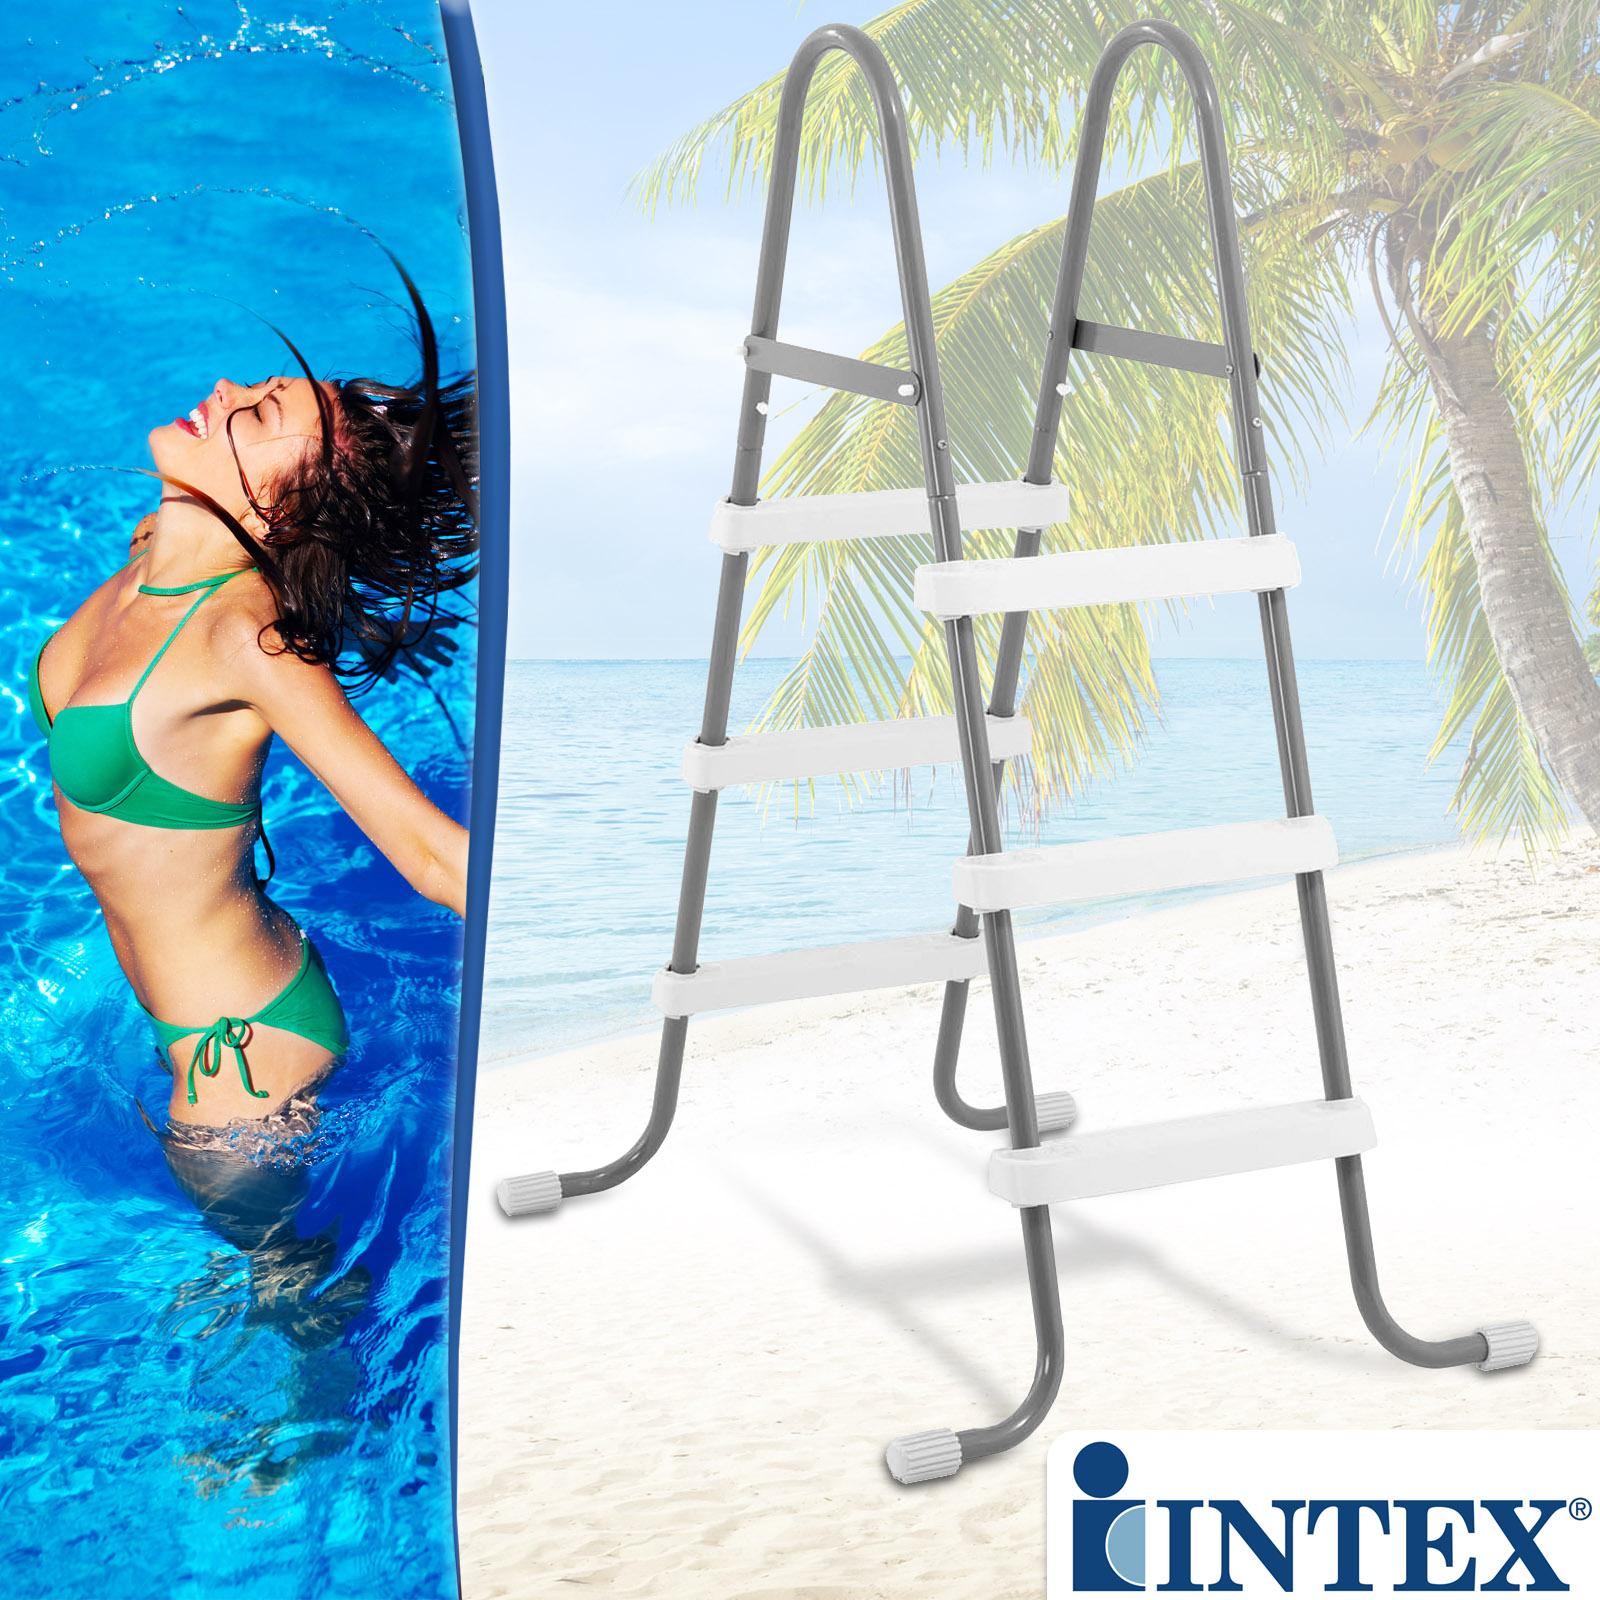 Intex Poolleiter 91cm